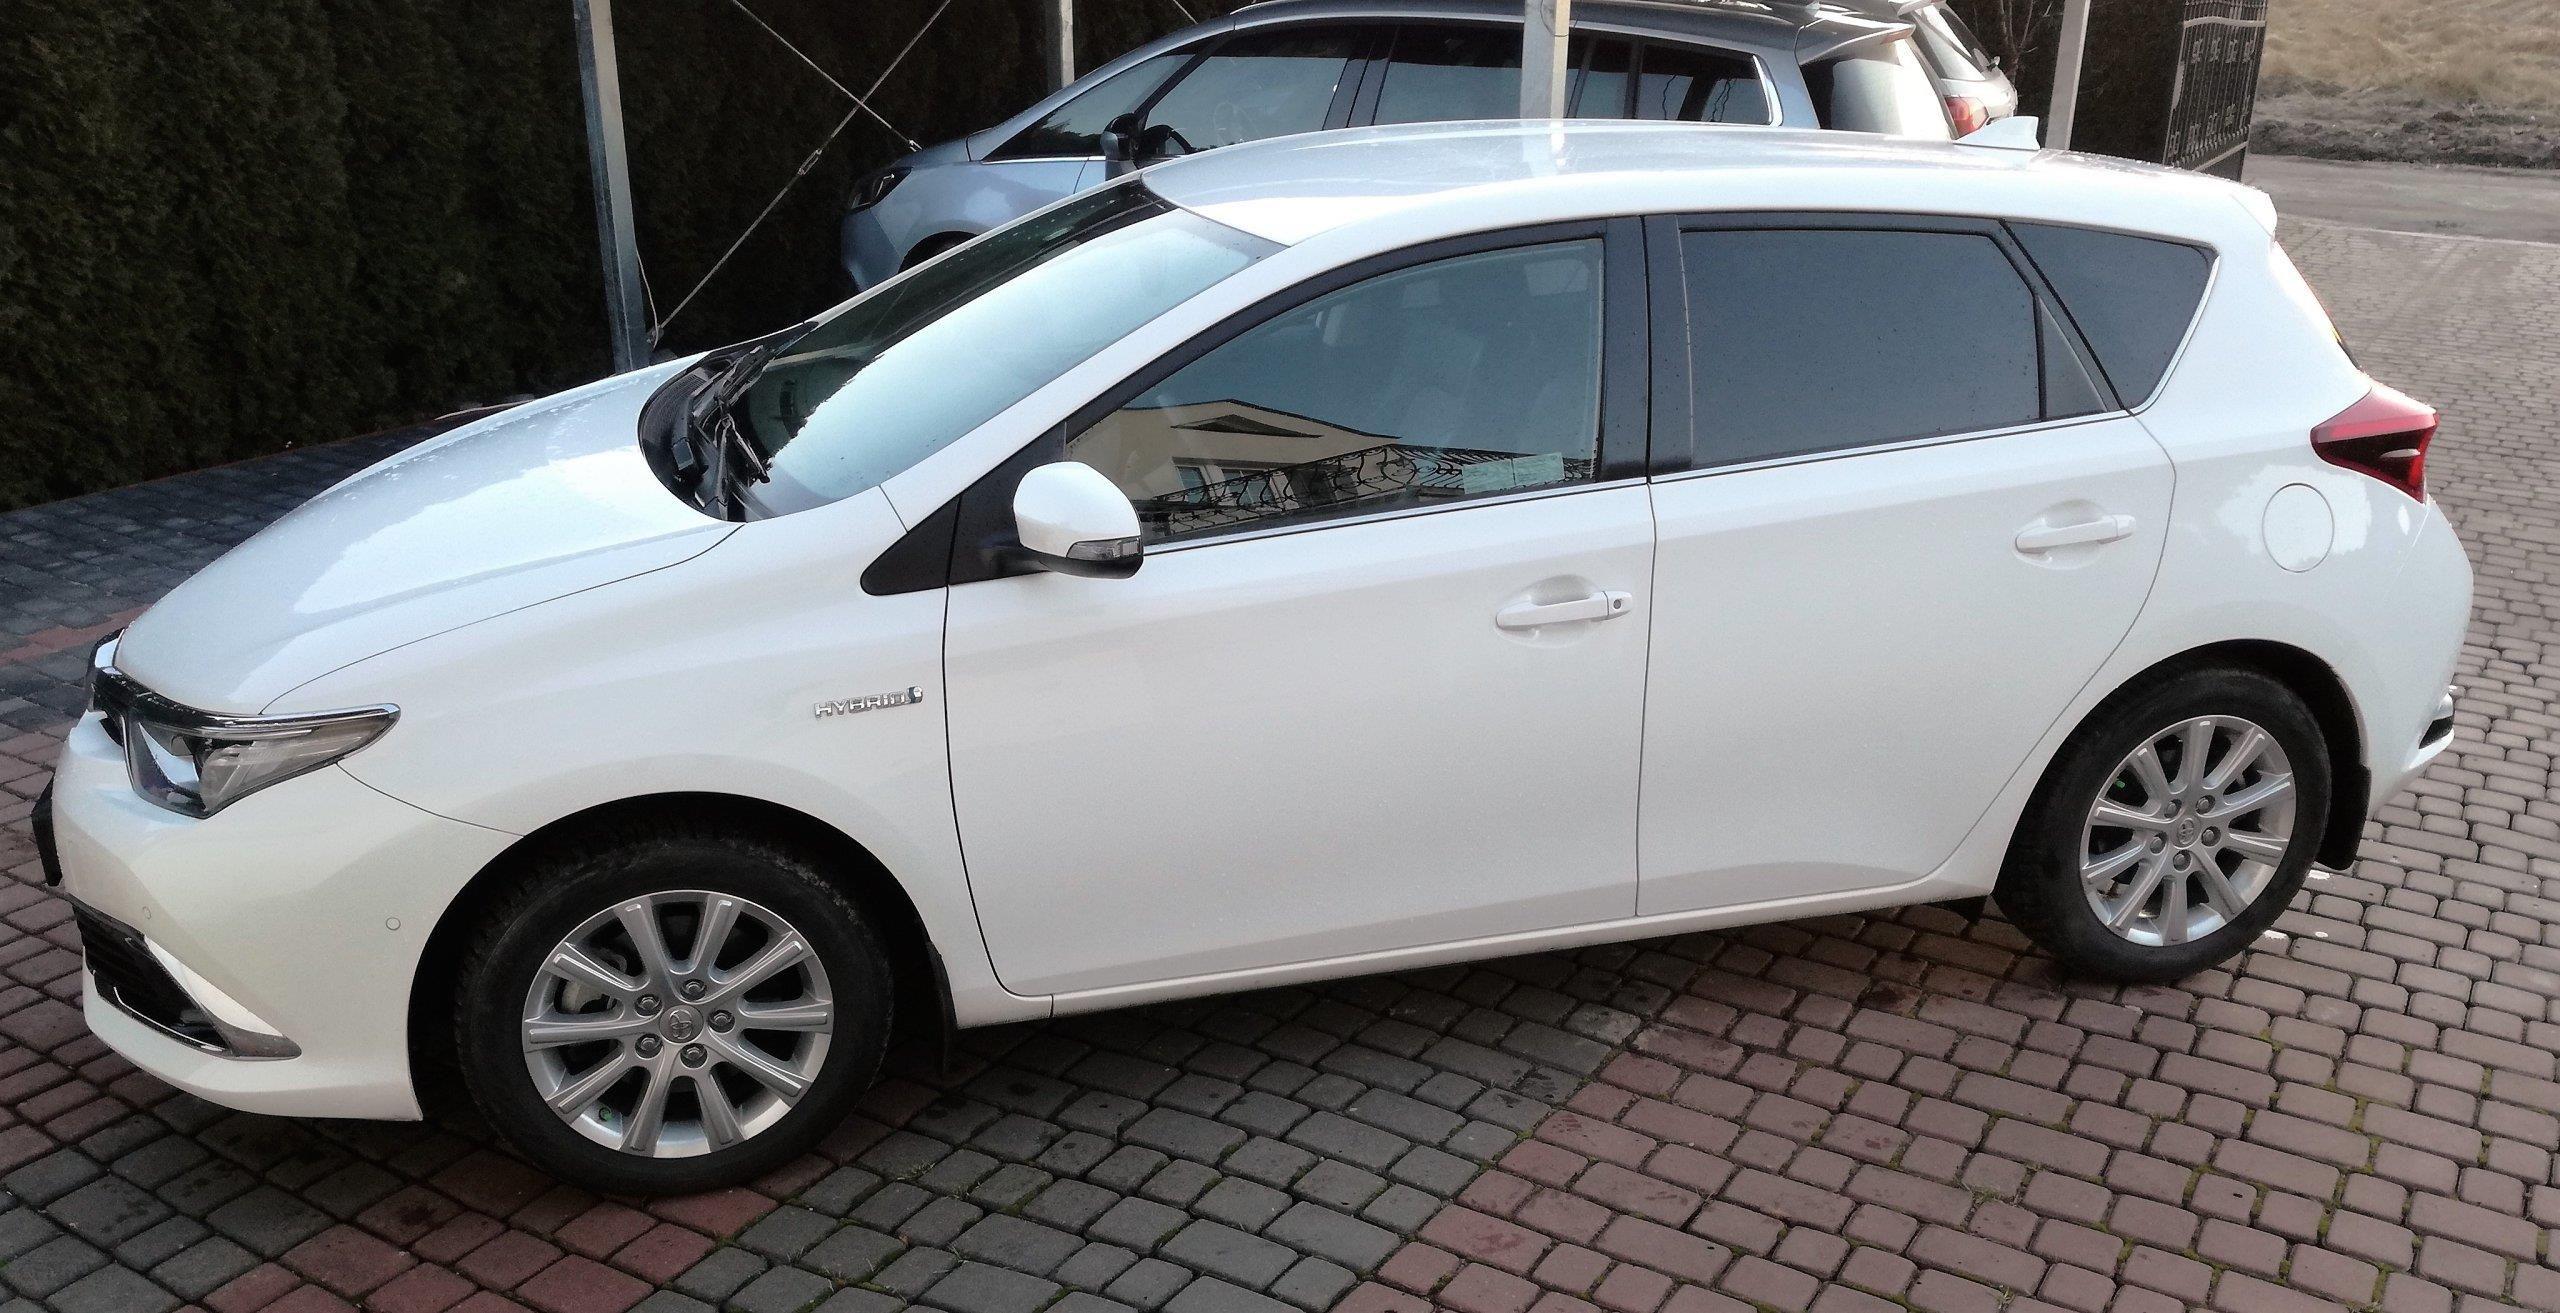 Toyota Auris Ii 2015 Hybryda 136km Hatchback Biały Opinie I Ceny